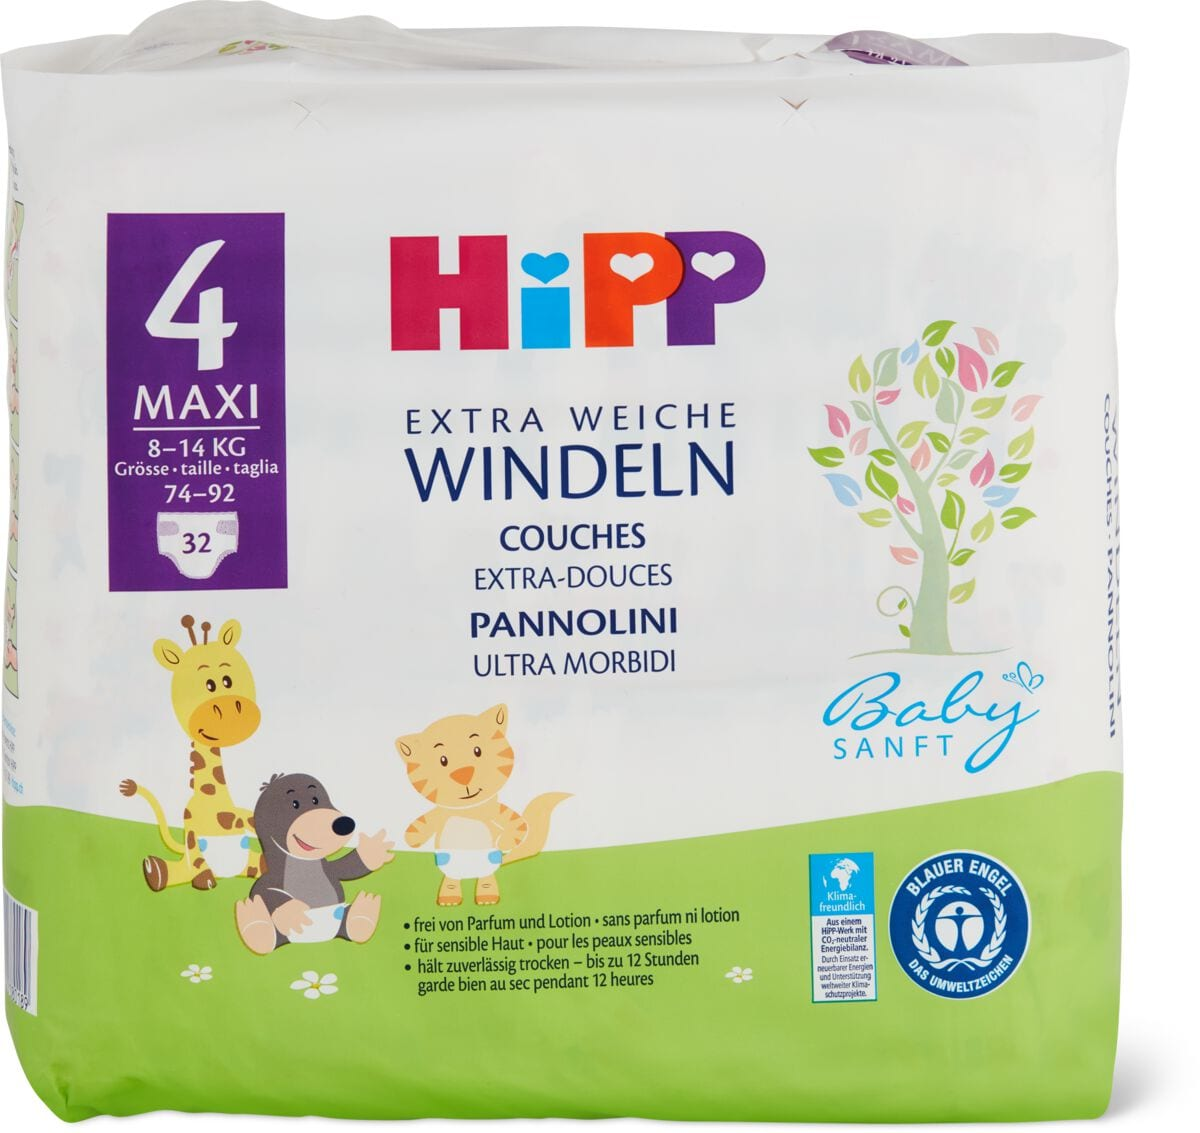 Hipp Babysanft Windeln Maxi 4